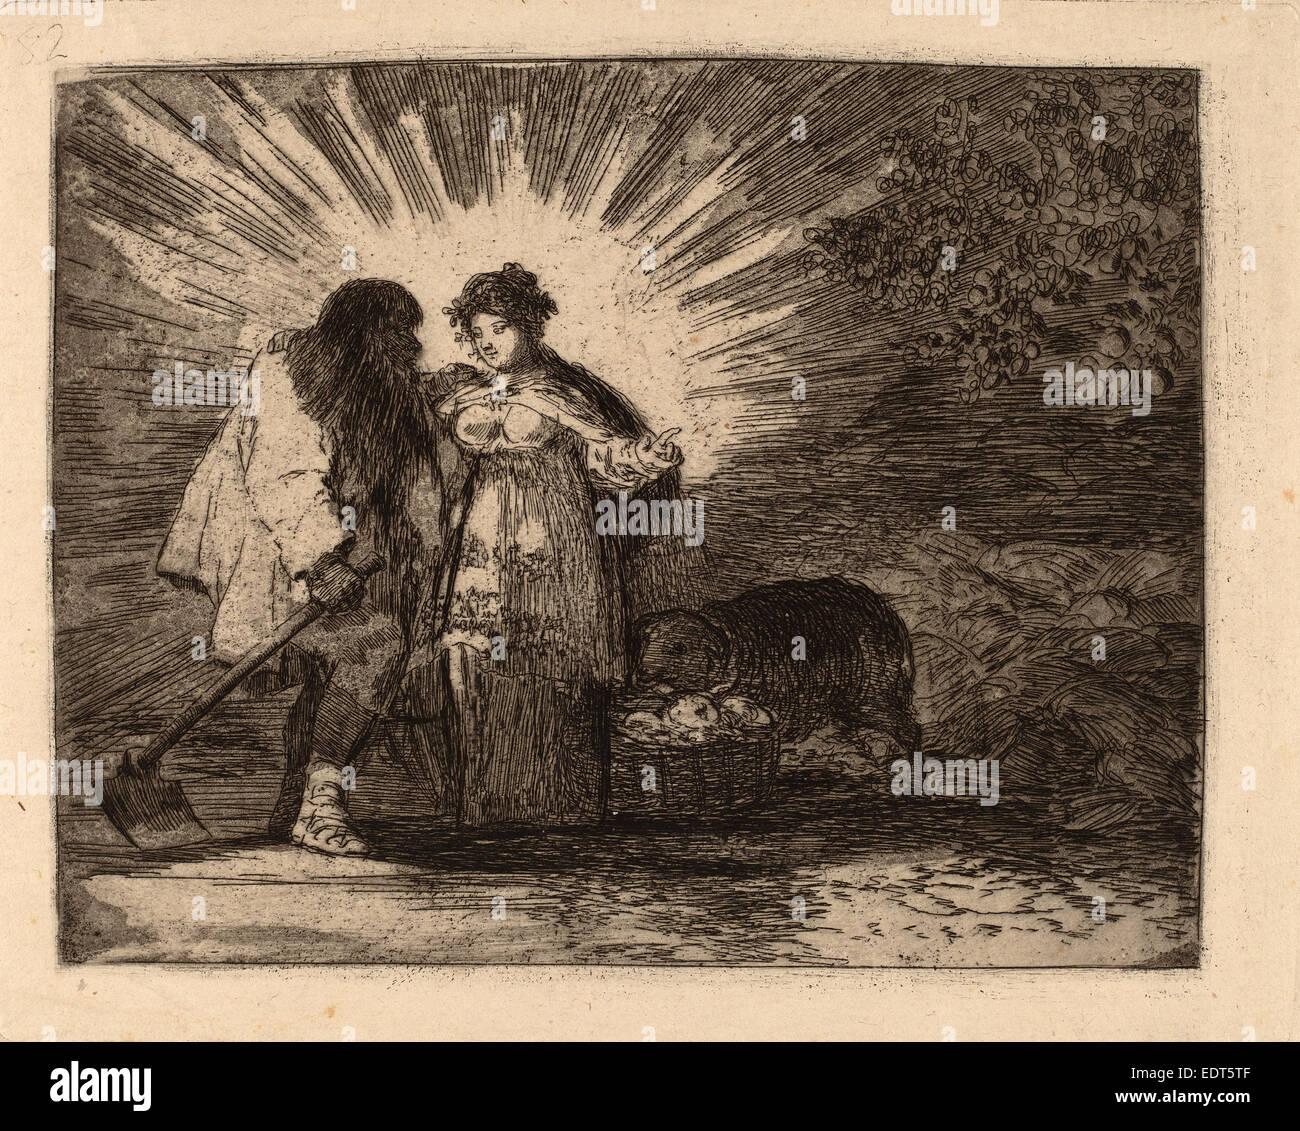 Francisco de Goya, esto es lo verdadero (c'est la vérité), espagnol, 1746 - 1828, 1810-1820, eau-forte, Photo Stock